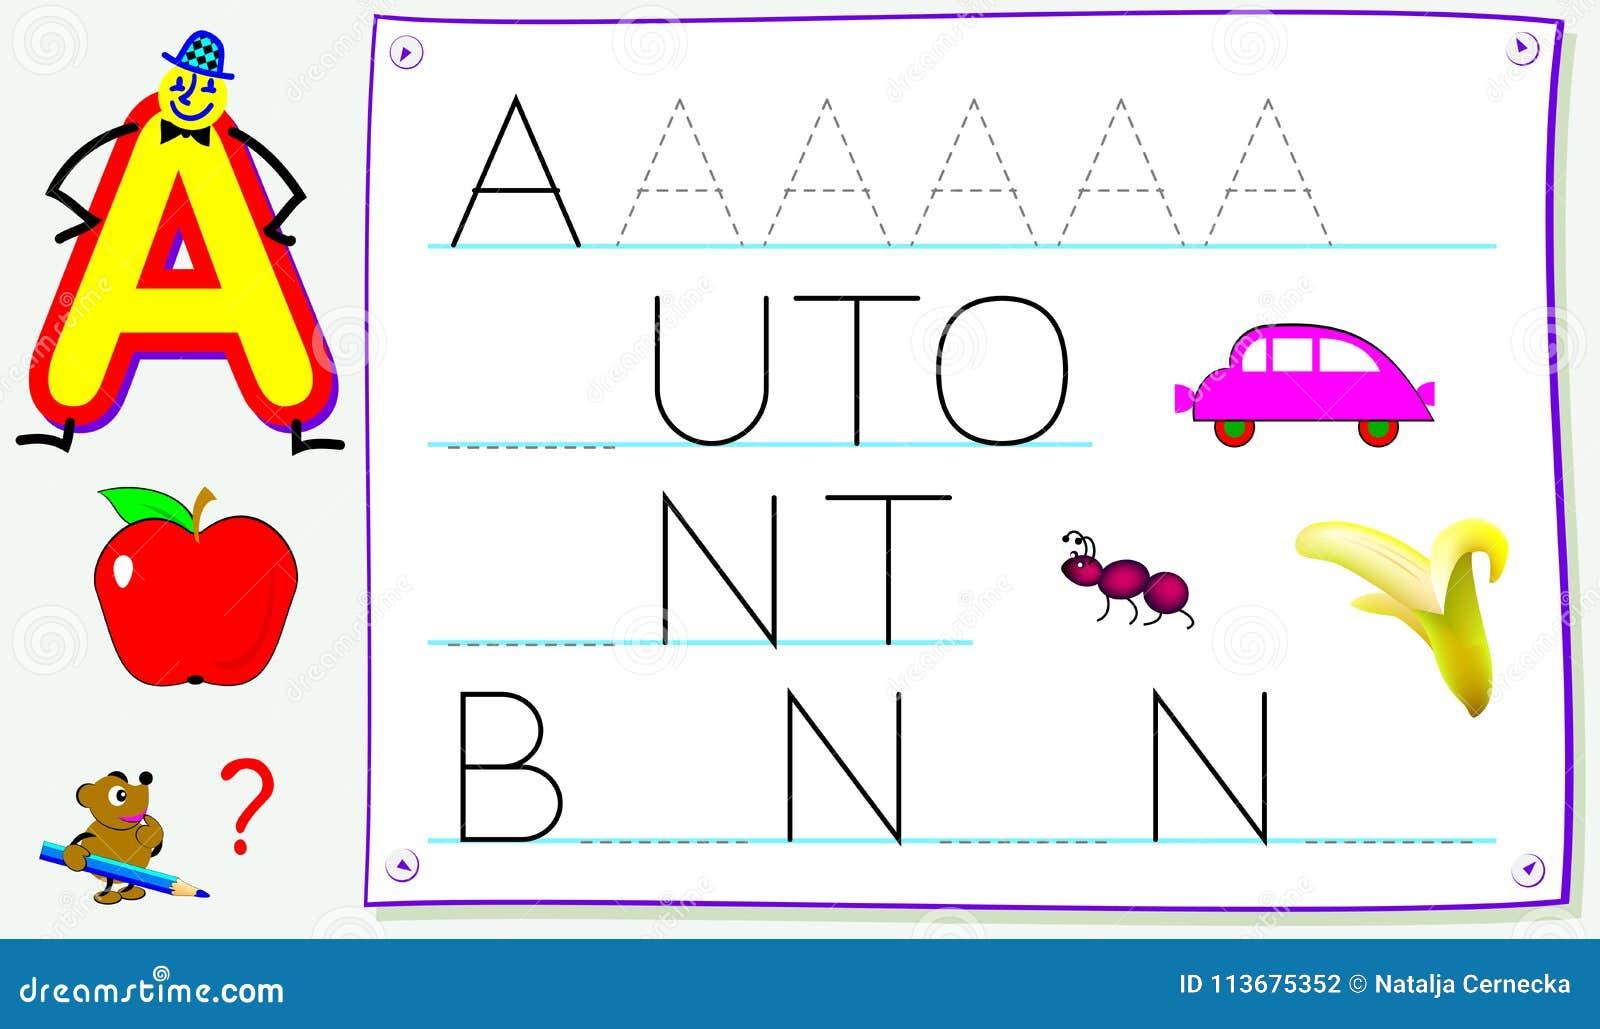 Pädagogische Seite Für Kleinkinder Mit Buchstaben A Für Studie